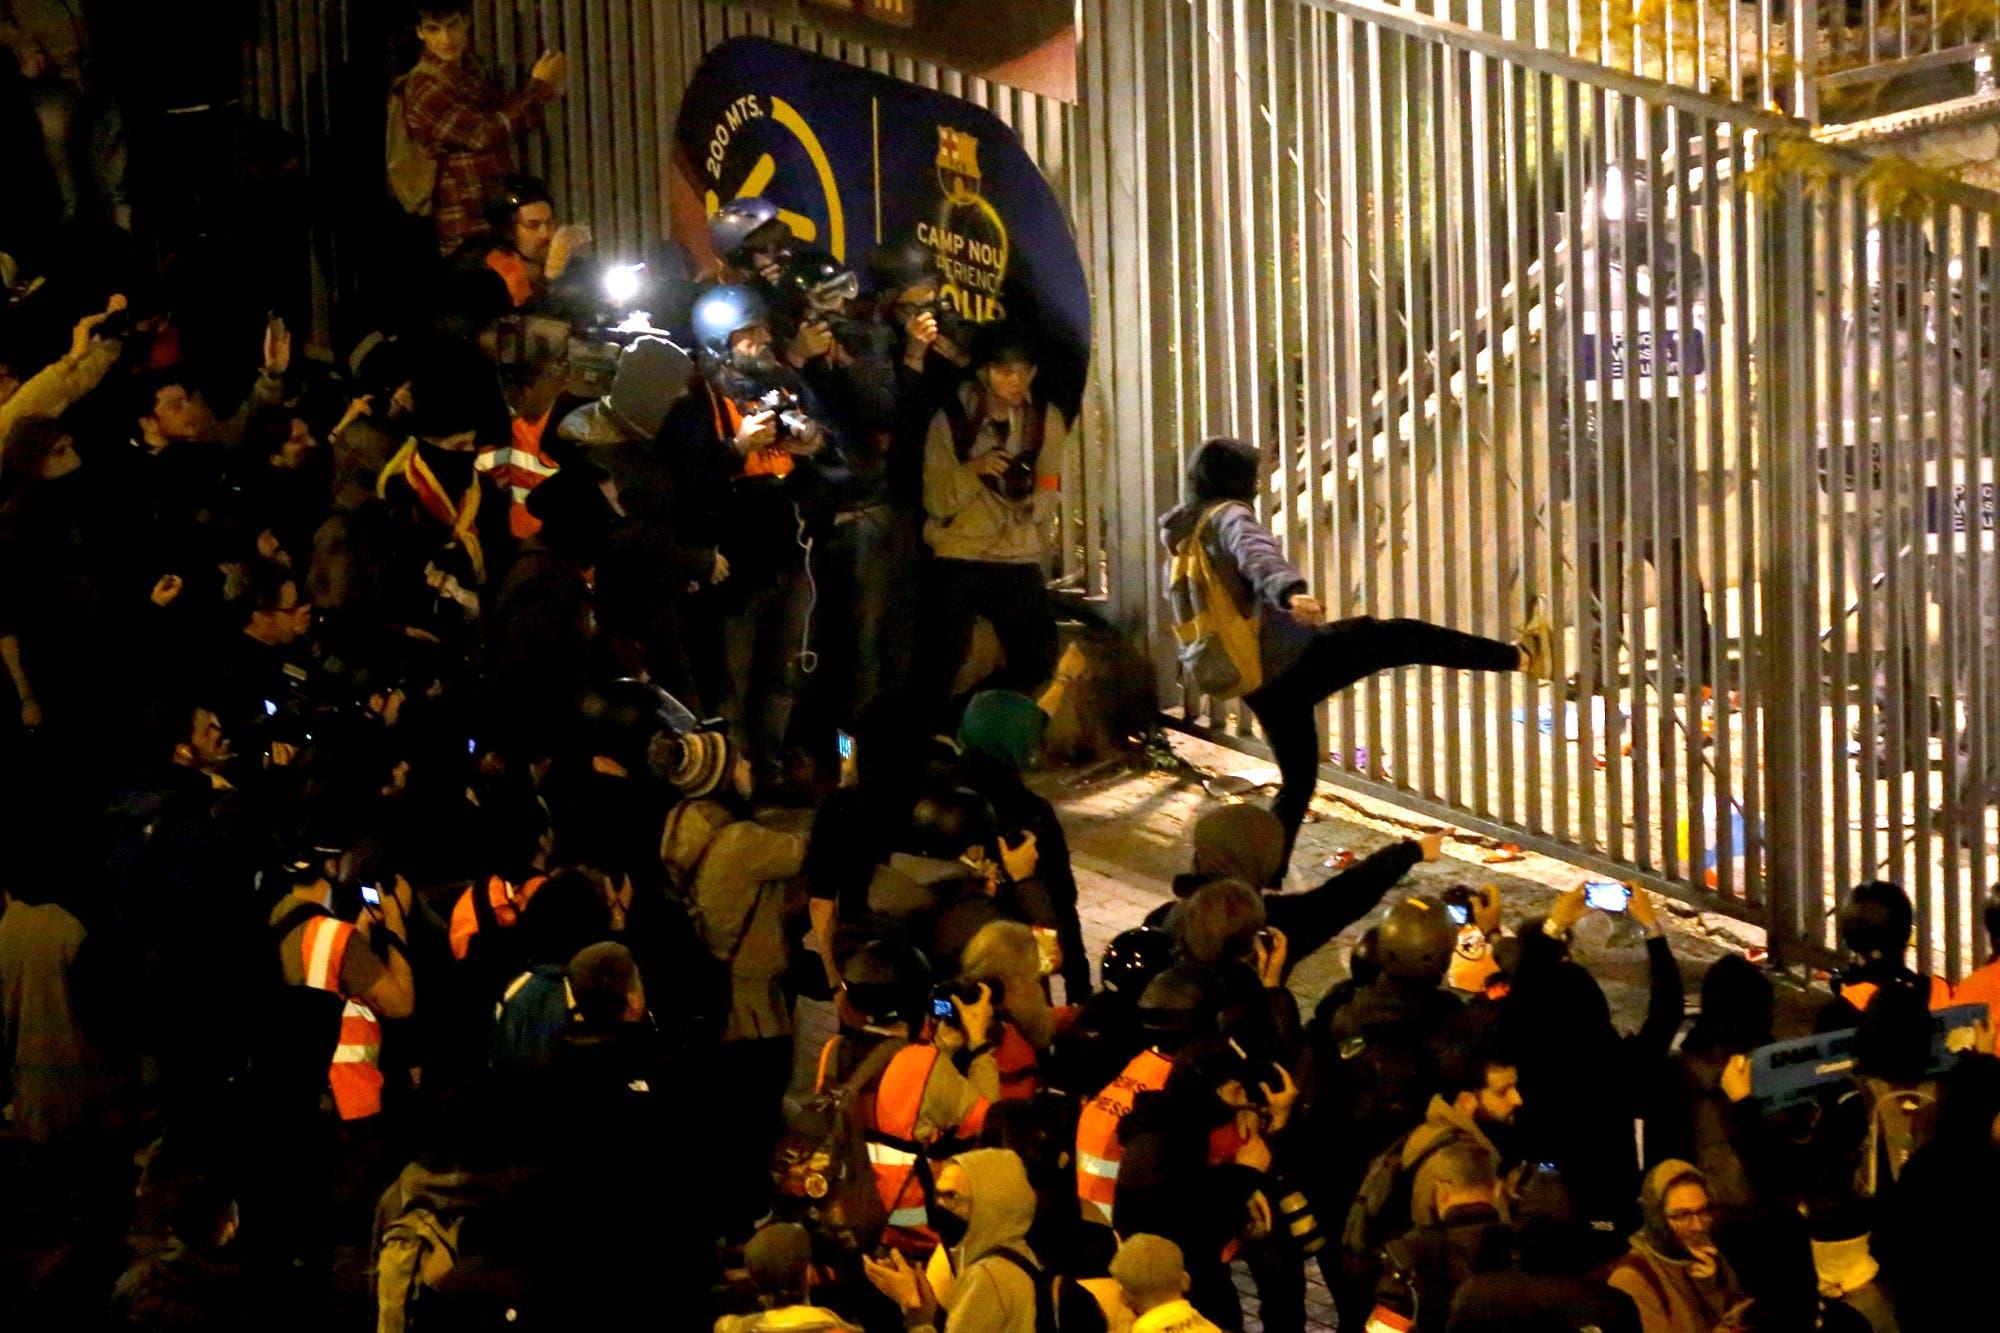 Incidentes frente al Camp Nou: independentistas se enfrentaron con la policía